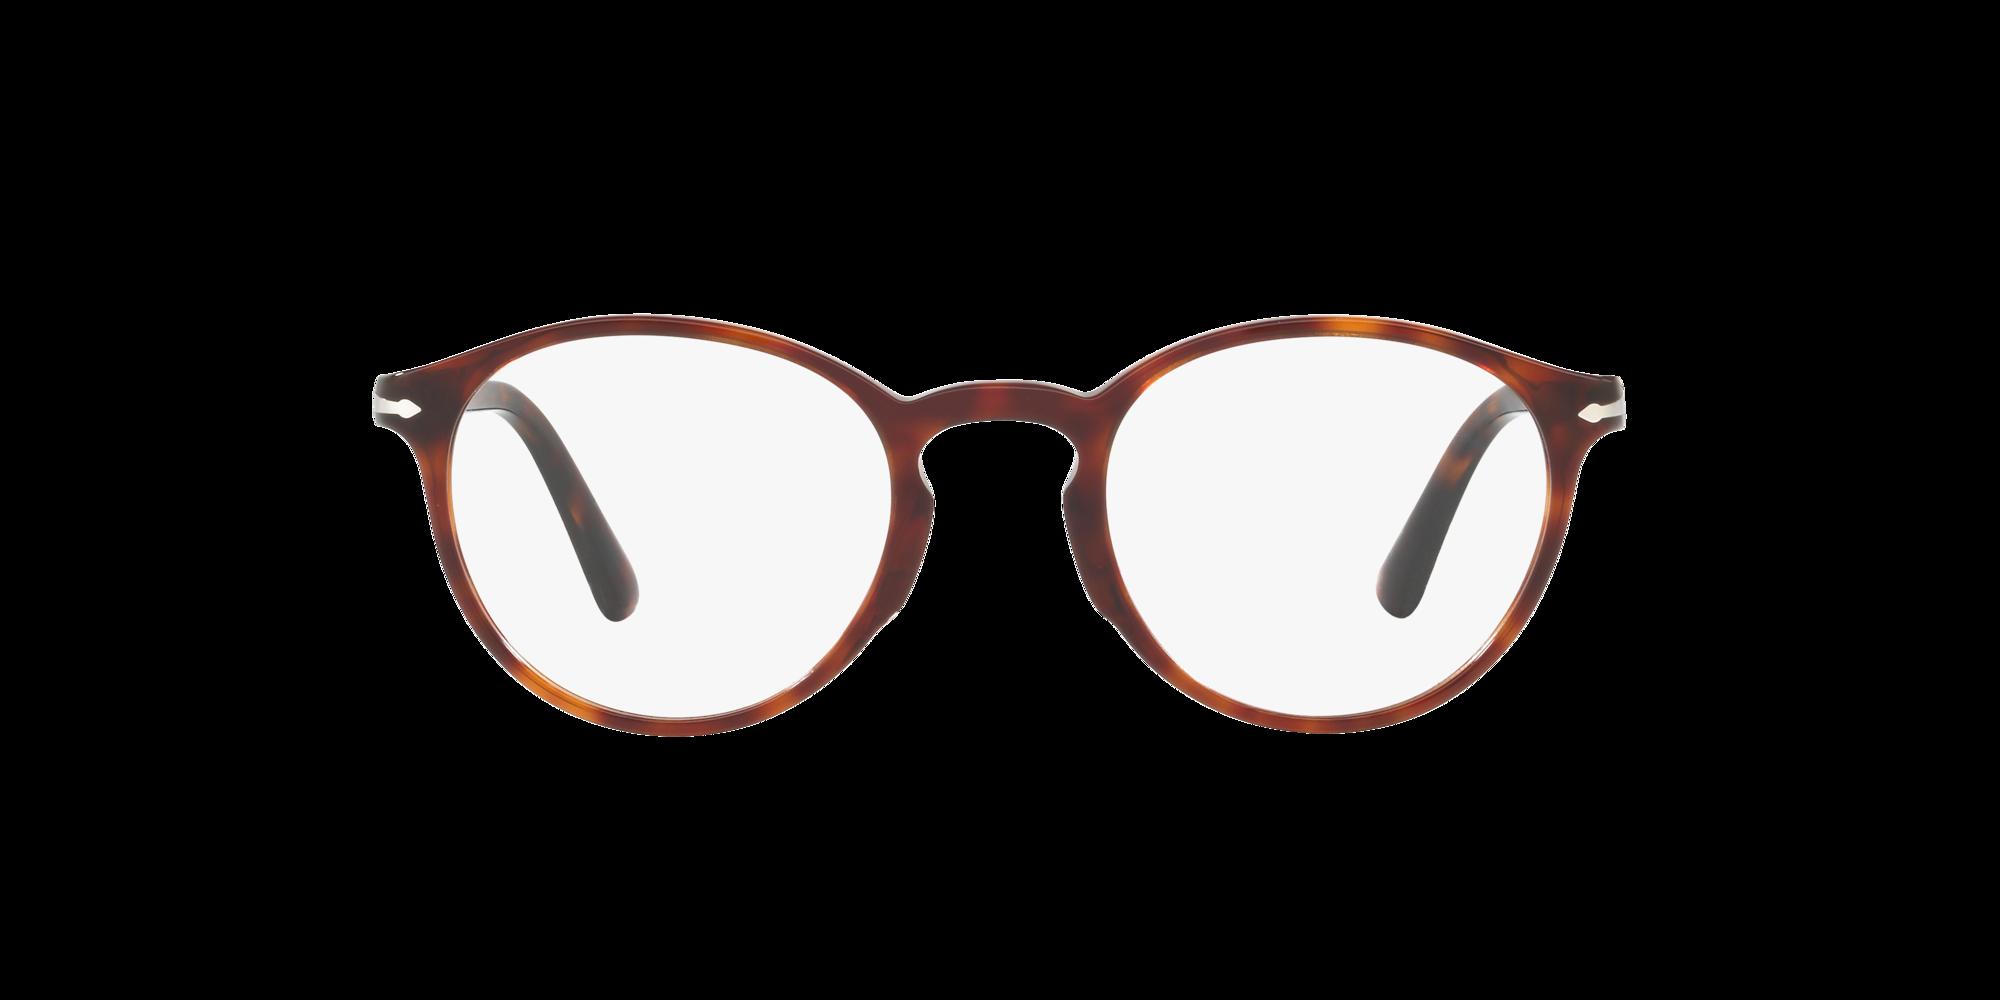 Imagen para PO3174V de LensCrafters |  Espejuelos, espejuelos graduados en línea, gafas